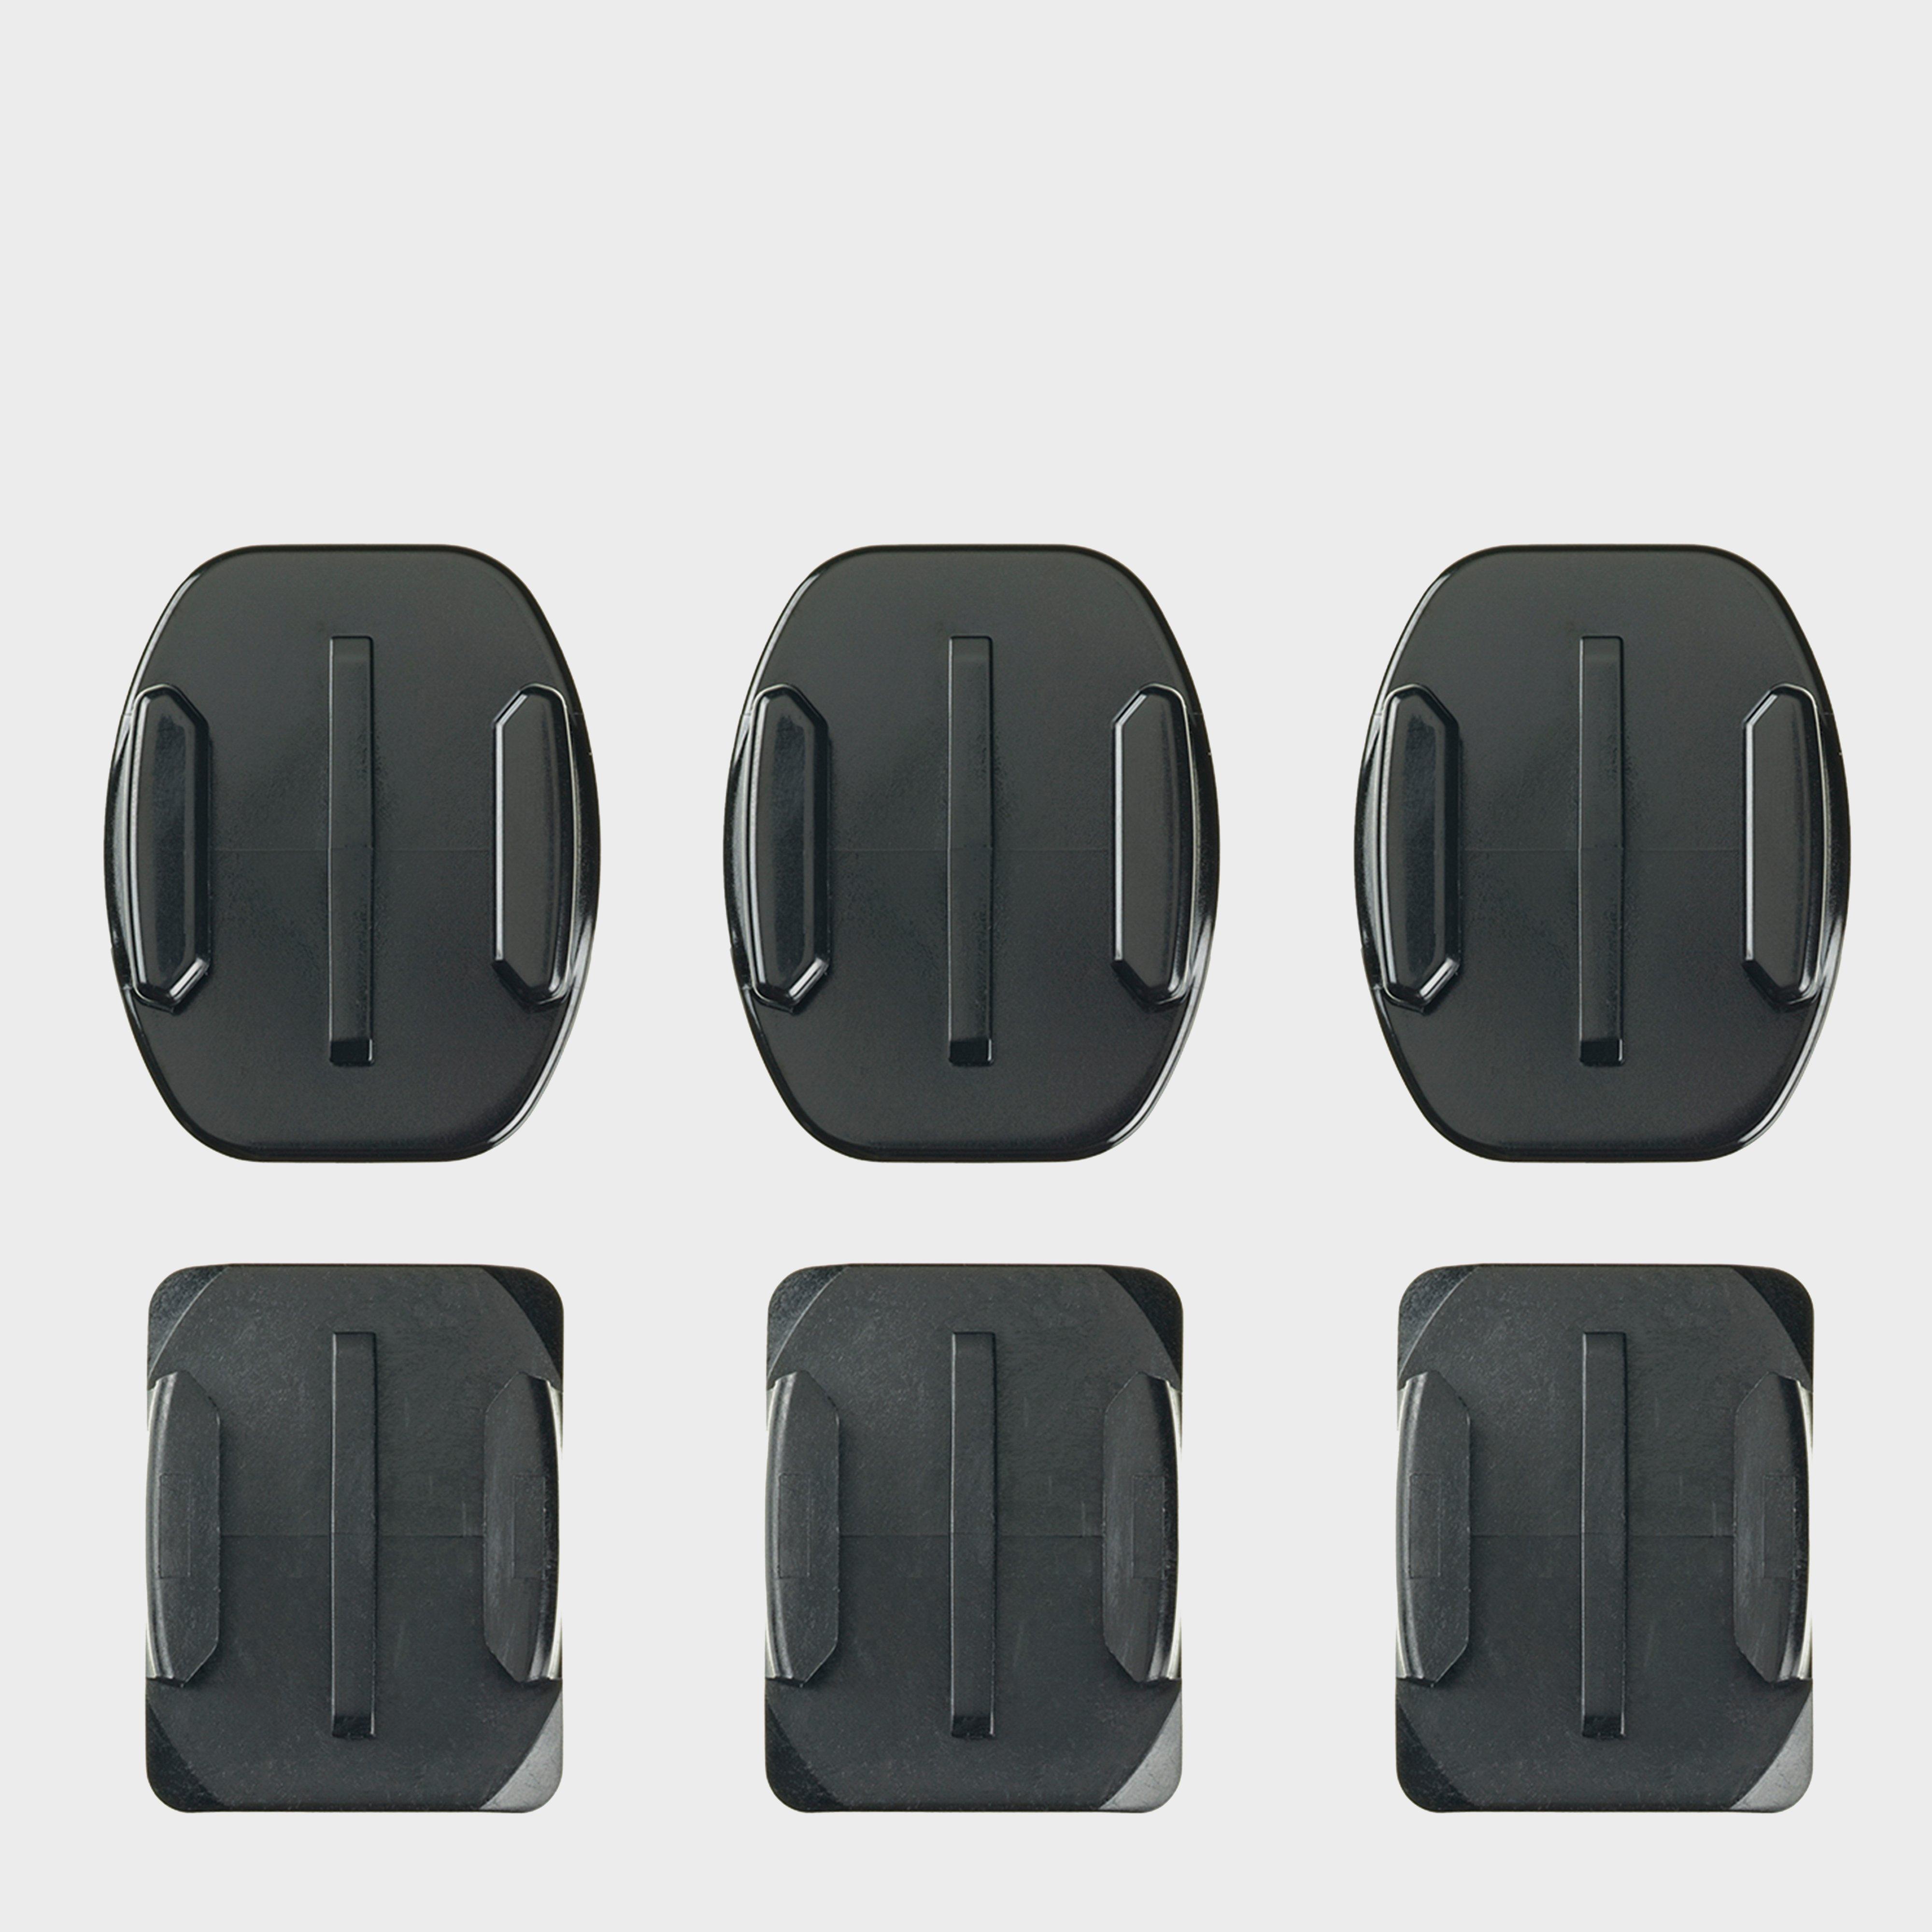 Gopro Gopro Adhesive Mounts - Black, Black